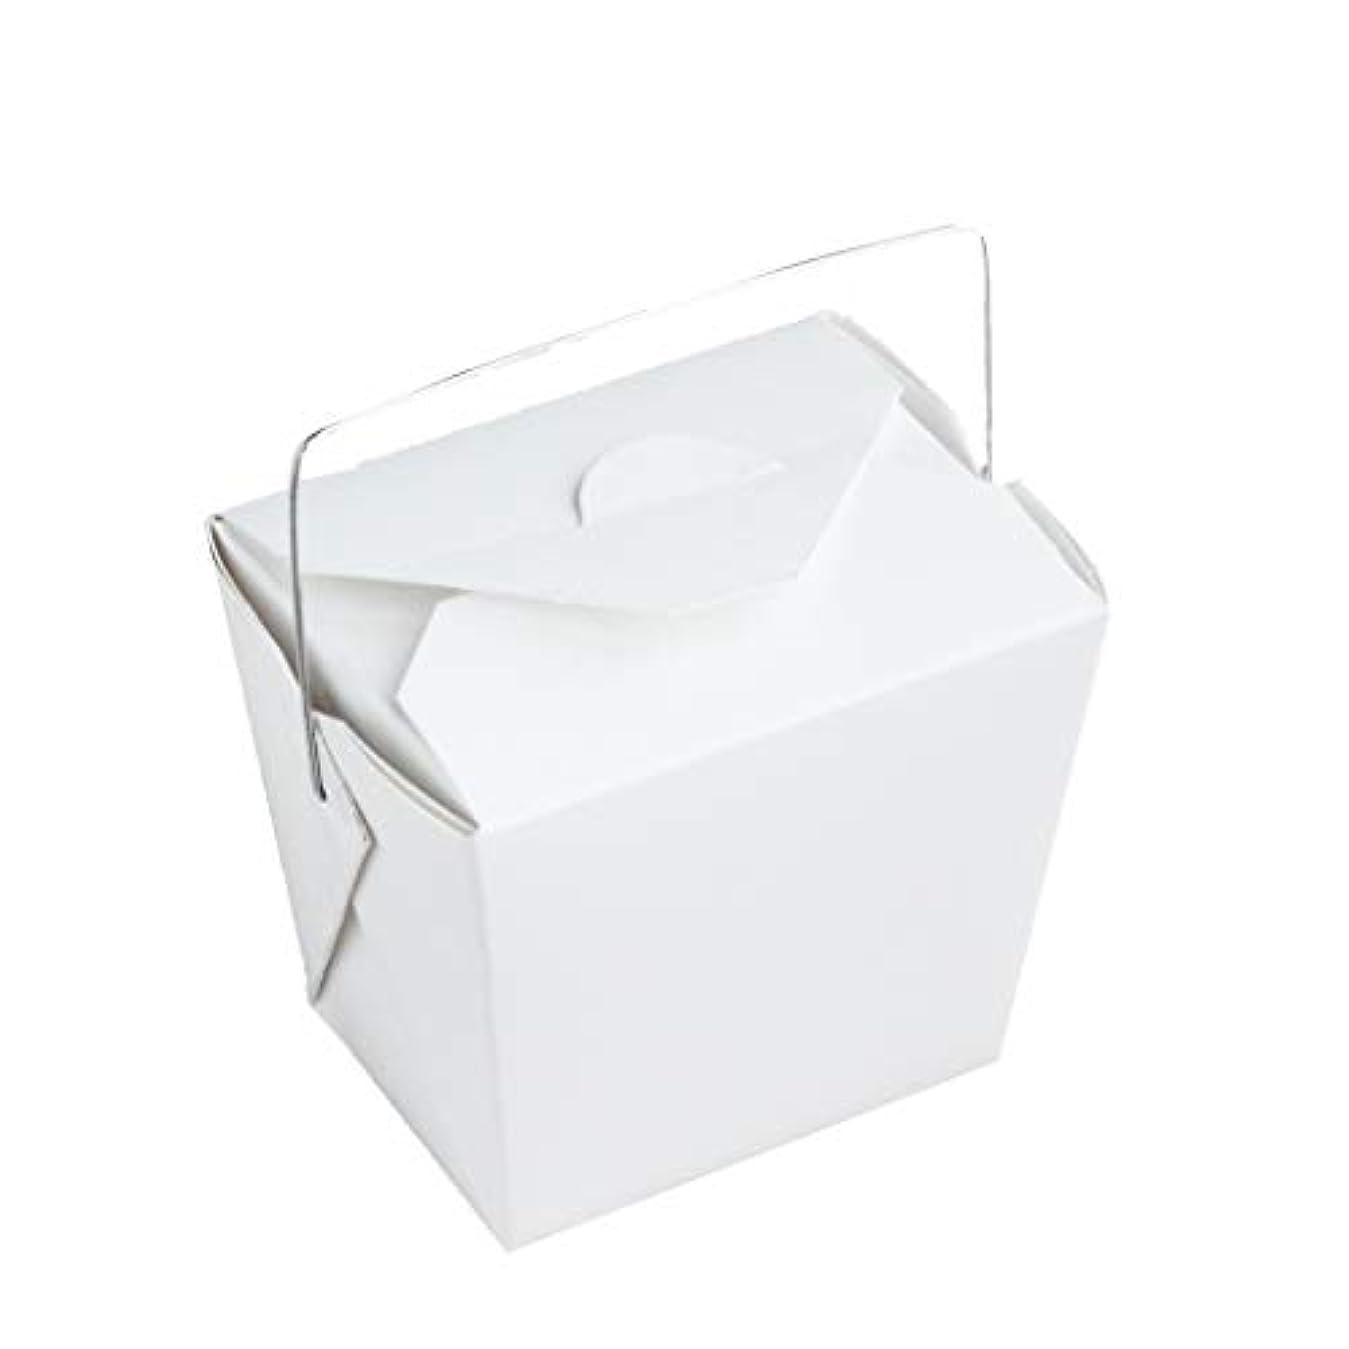 ハッピースズメバチ驚き手作り石けん用 ワイヤー取っ手付きホワイトペーパー型 10個